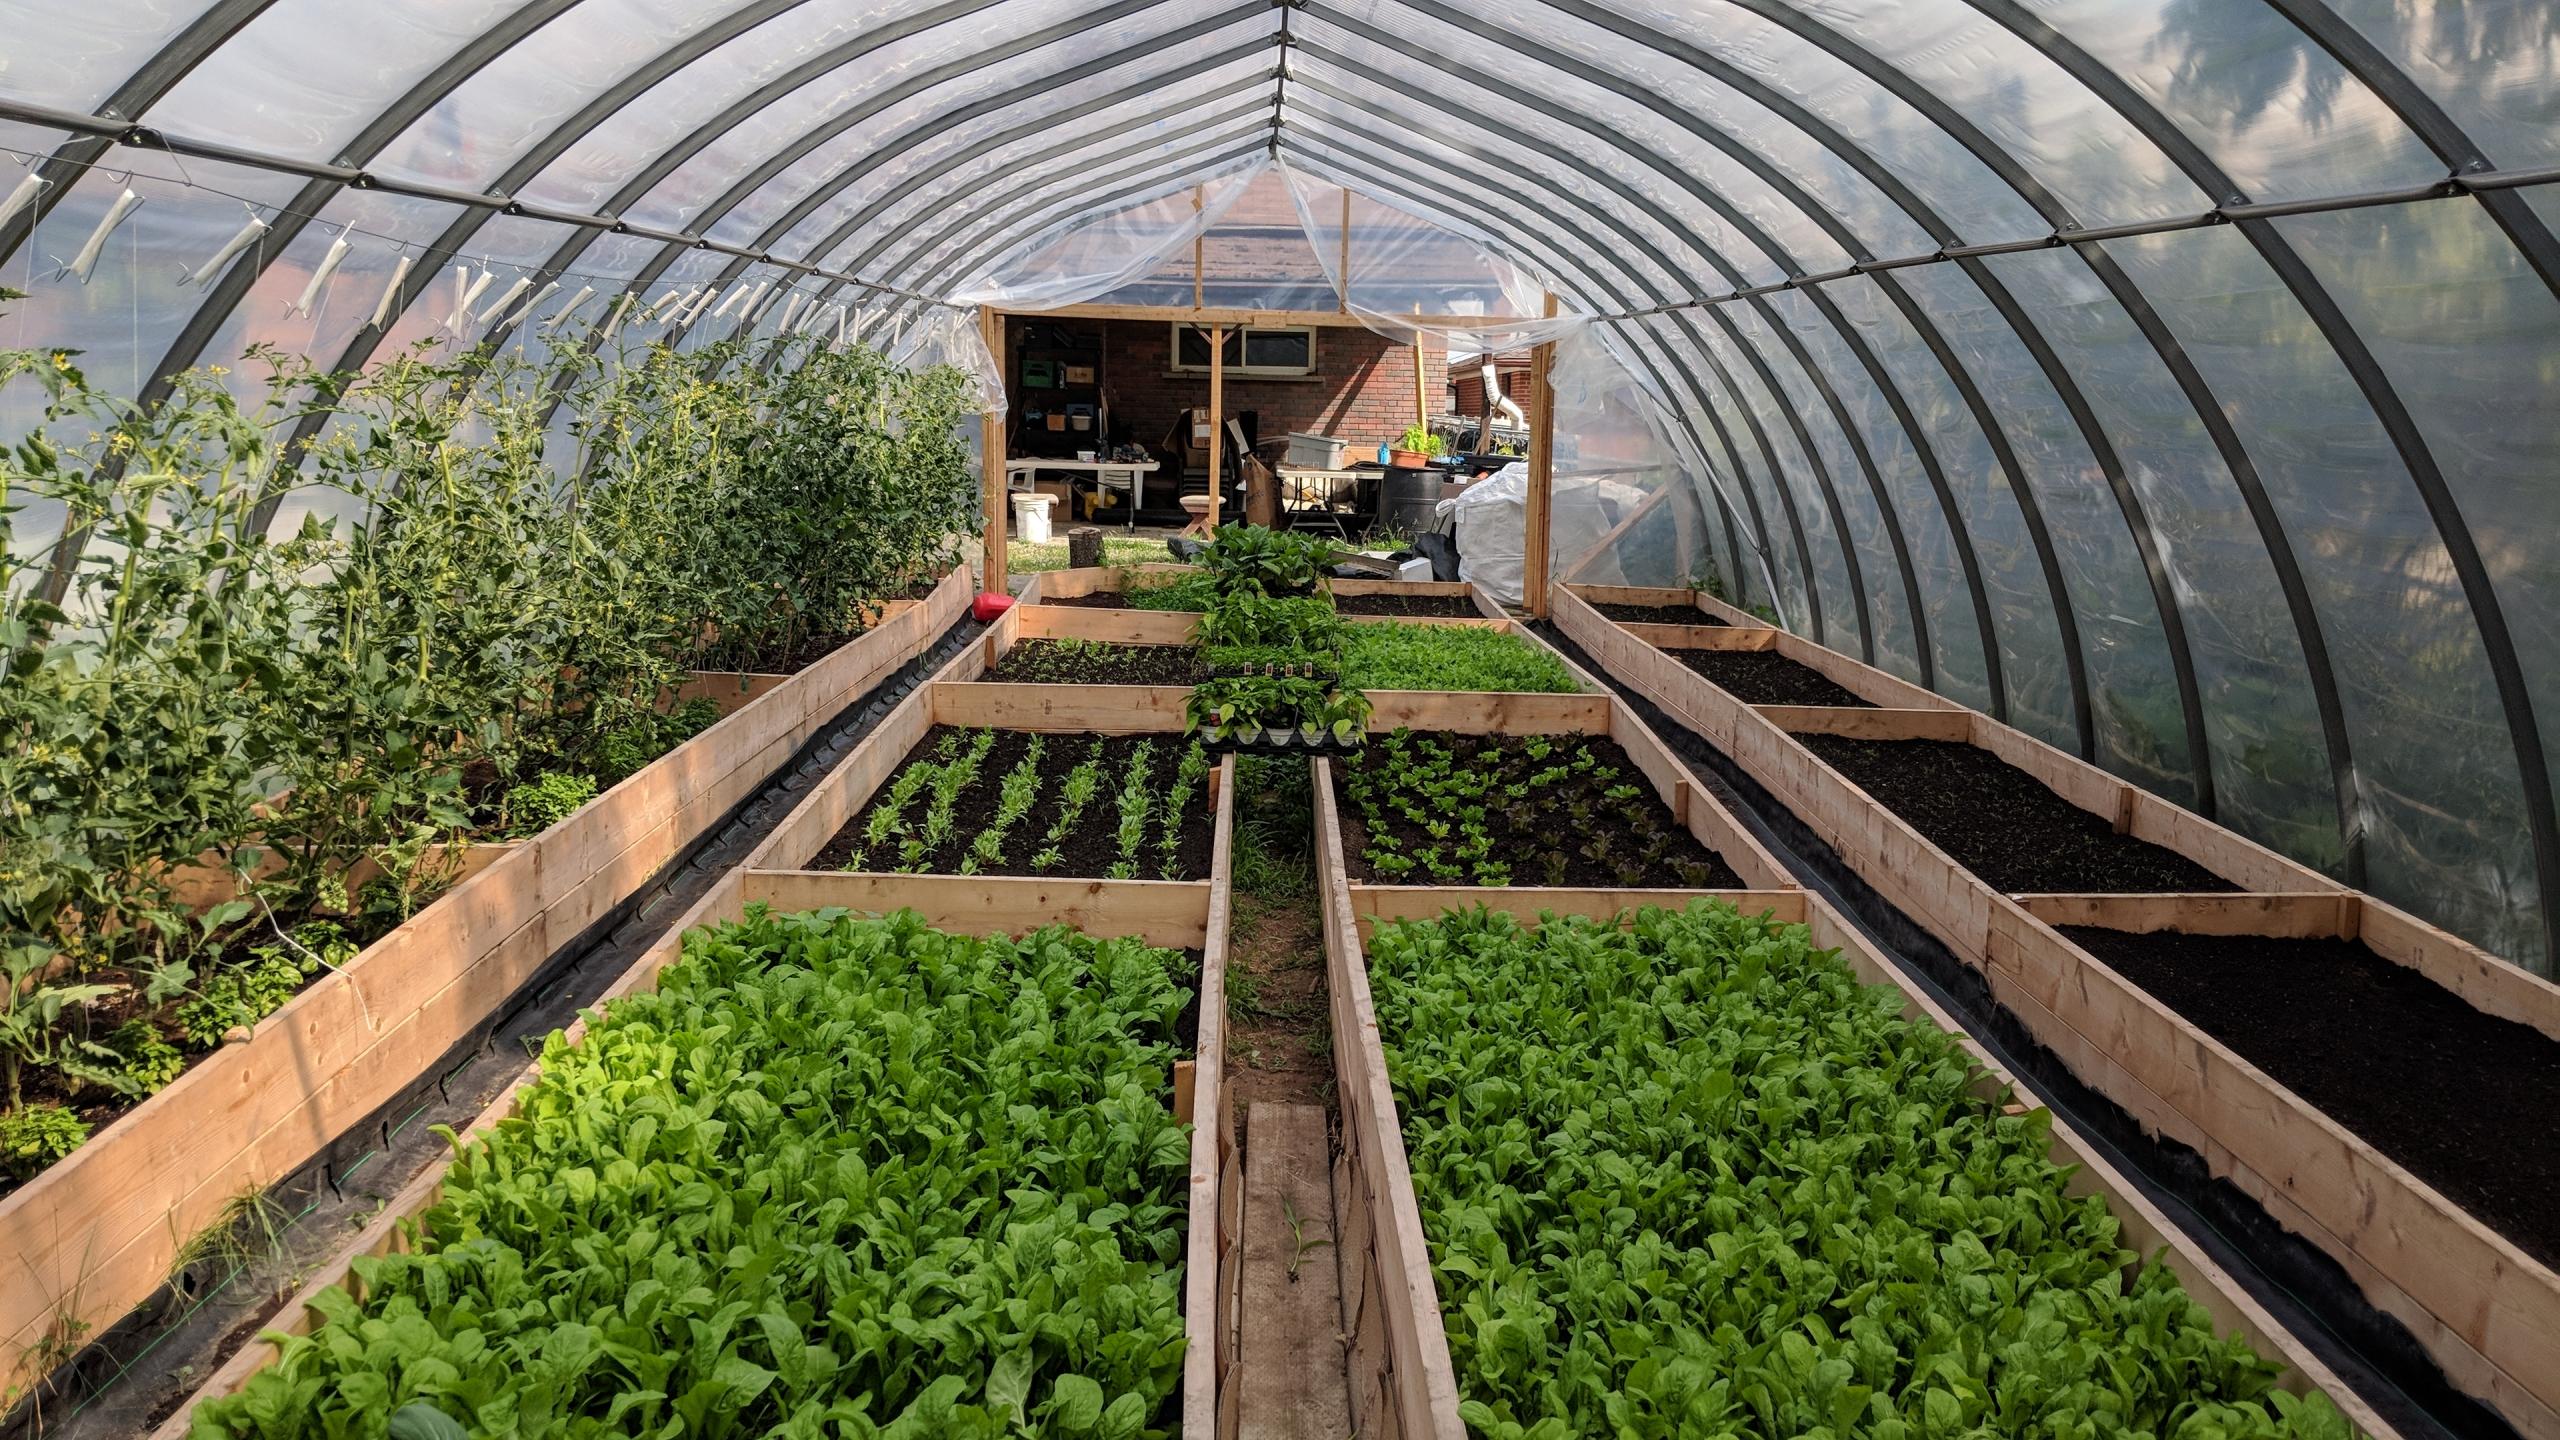 zawadi Farm Greenhouse